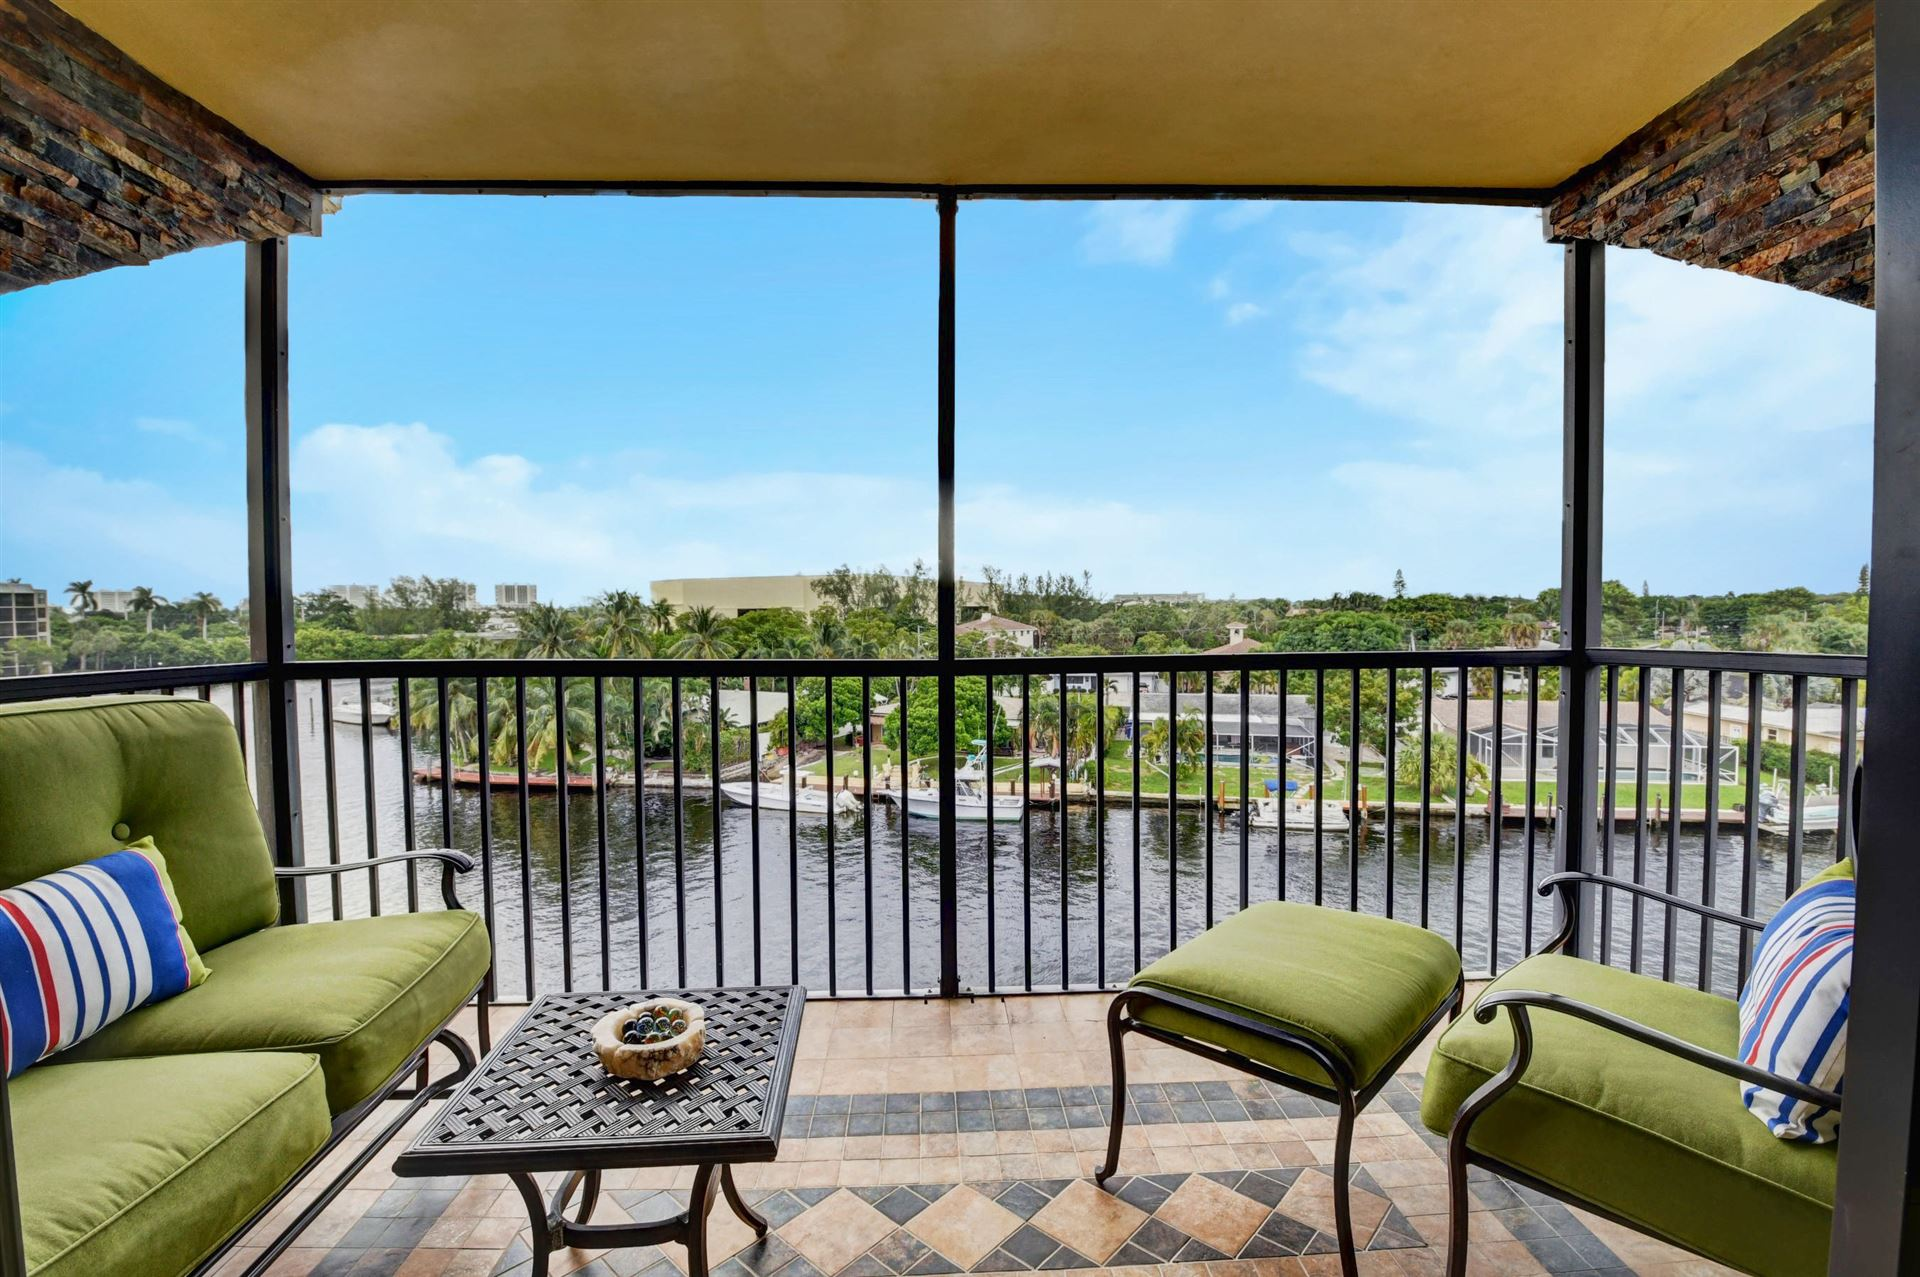 13 Royal Palm Way #506, Boca Raton, FL 33432 - #: RX-10662493